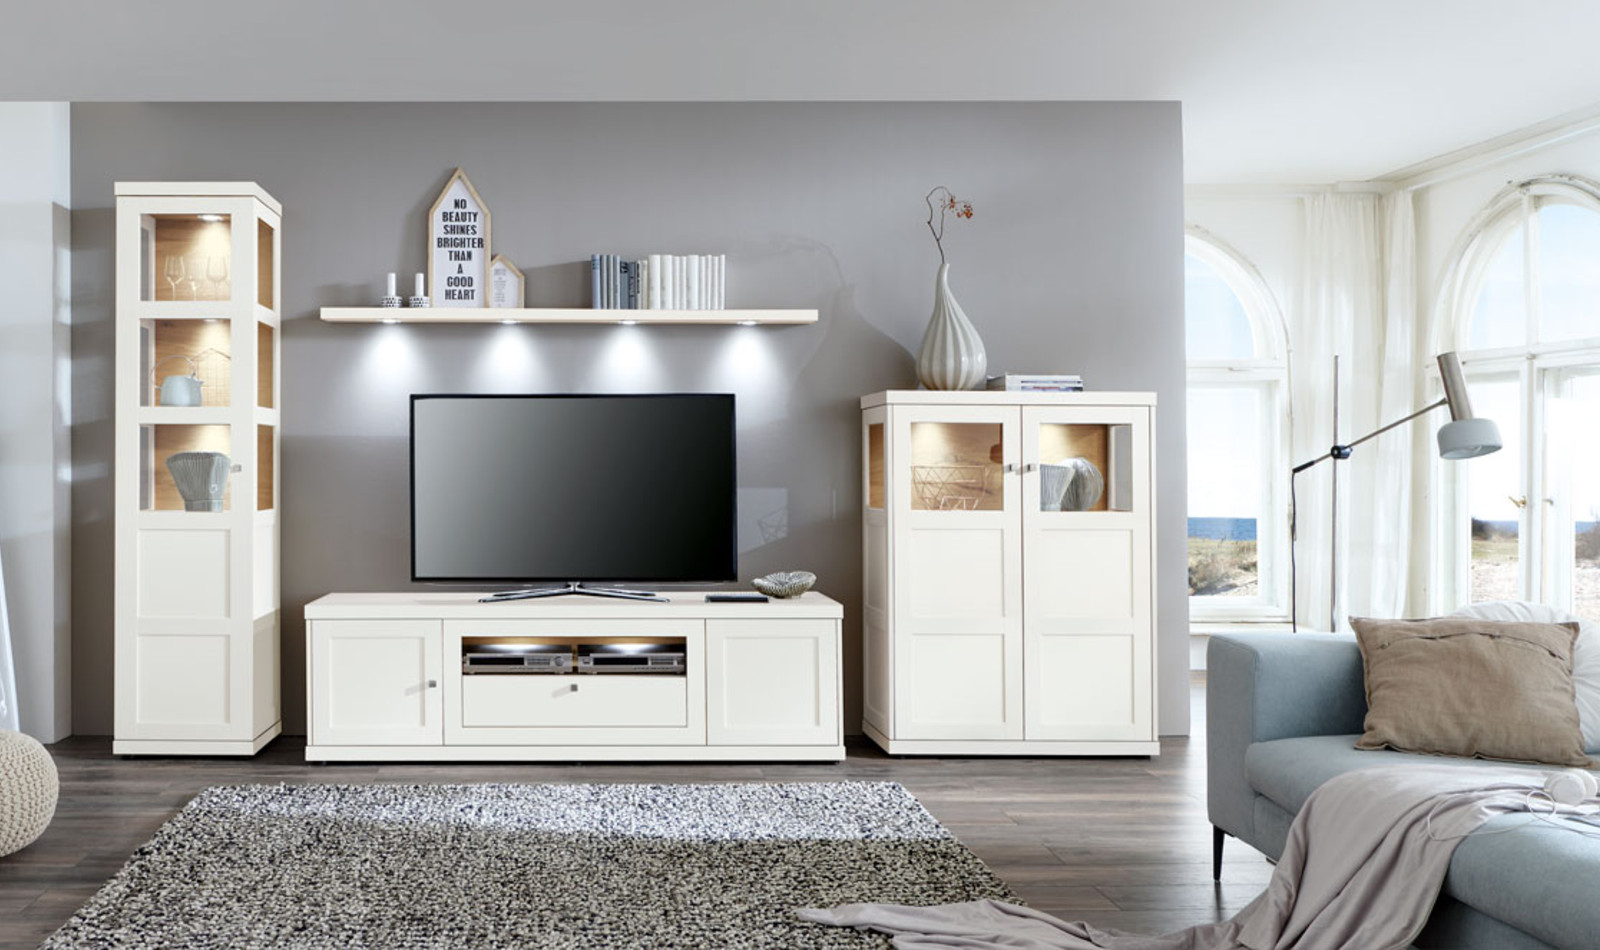 Wohnzimmer - Programme - trema - Venjakob Möbel - Vorsprung durch Design und Qualität